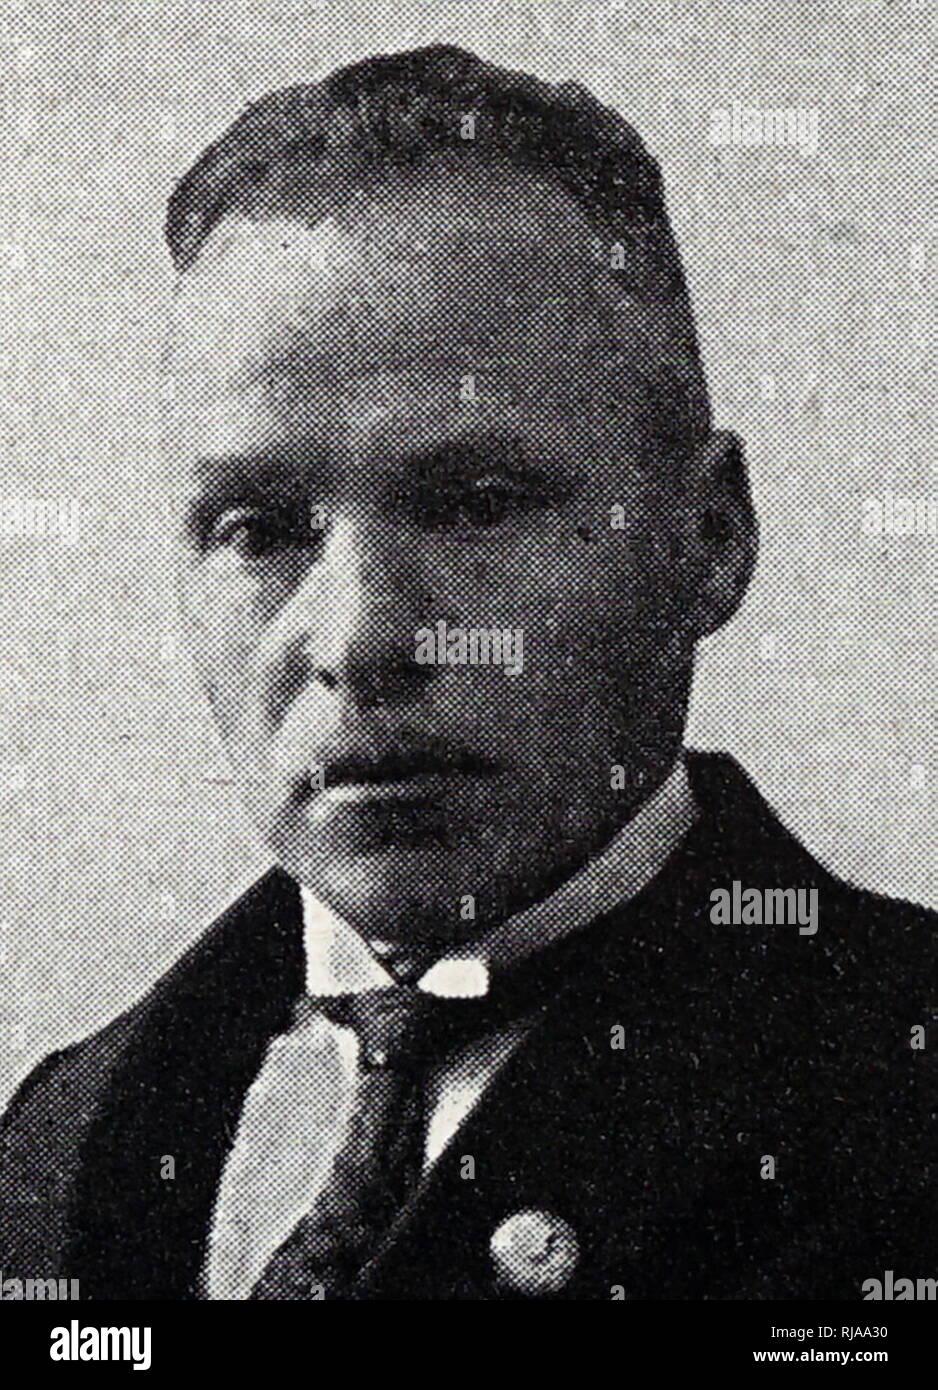 A. kampmann, atletismo, Oficial Alemana de Deportes Olímpicos de 1936 oficial nazi en Berlín Juegos Imagen De Stock